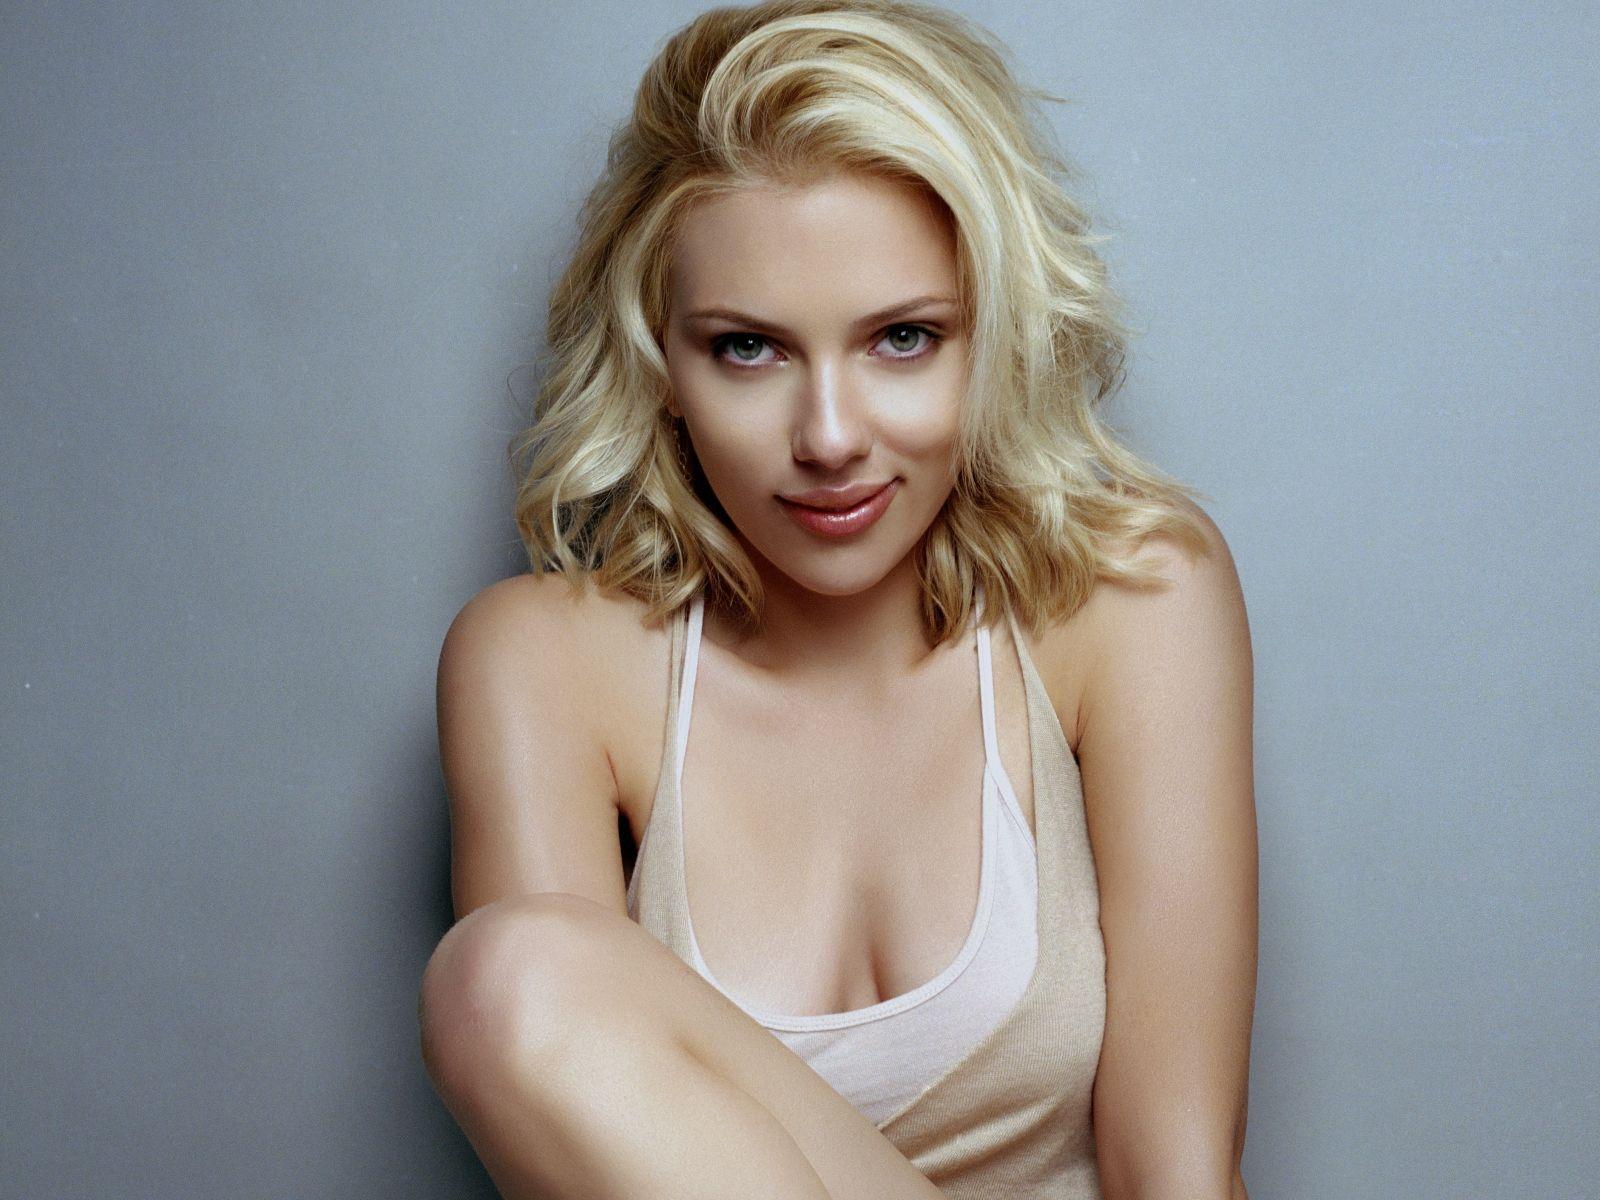 http://2.bp.blogspot.com/-NZzYo9sr4gA/TsfU1RxP1iI/AAAAAAAABnw/l0yDqhhri8g/s1600/Scarlett_Johansson_Beauty_HD_Wallpapers.jpg